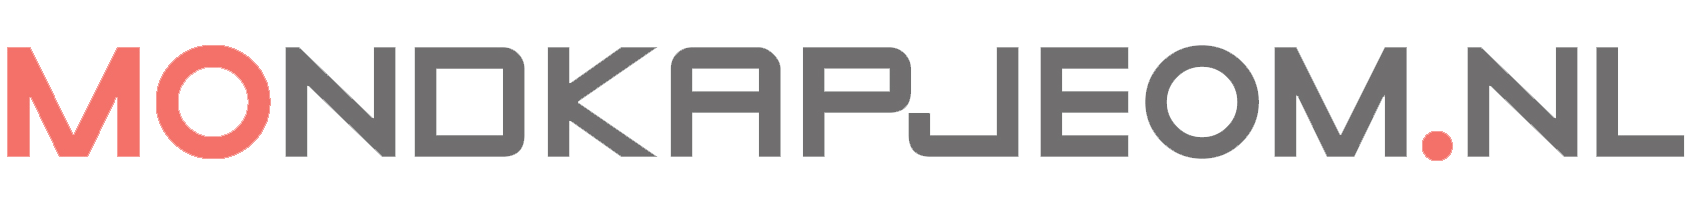 logo-mondkapjeom